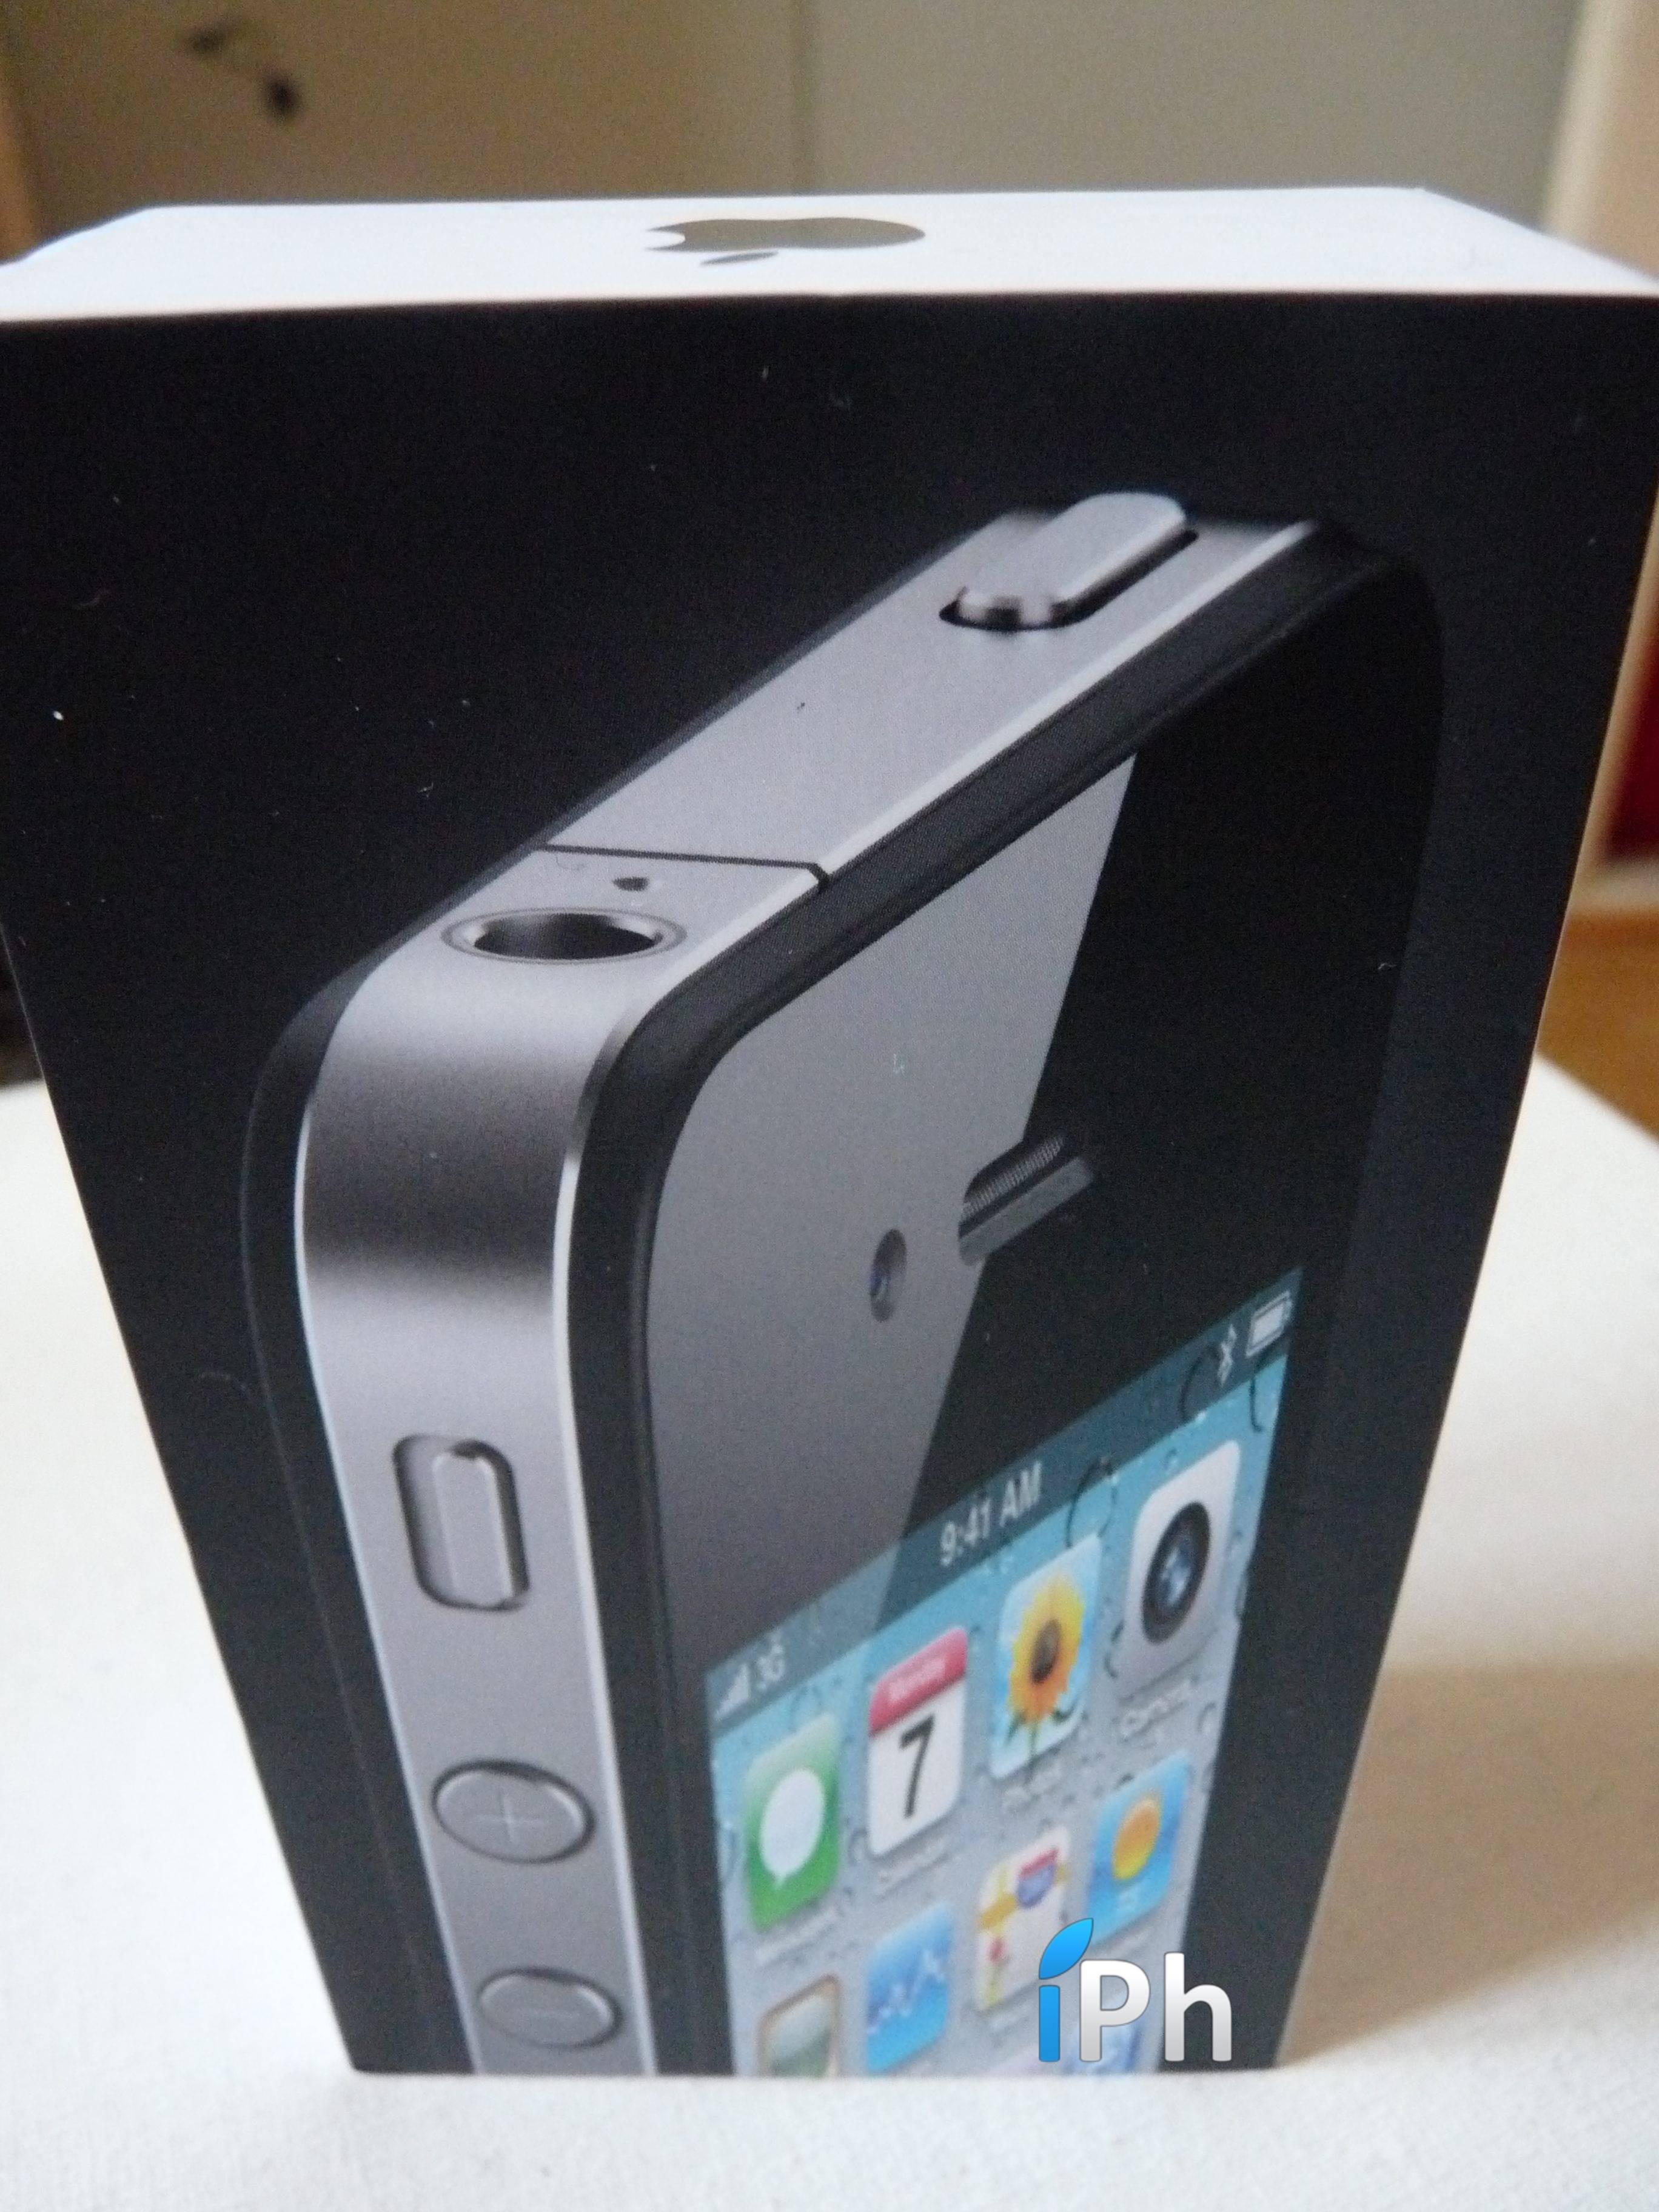 P1140448 iPhone 4   Les photos de liPhone 4 Noir par Myk